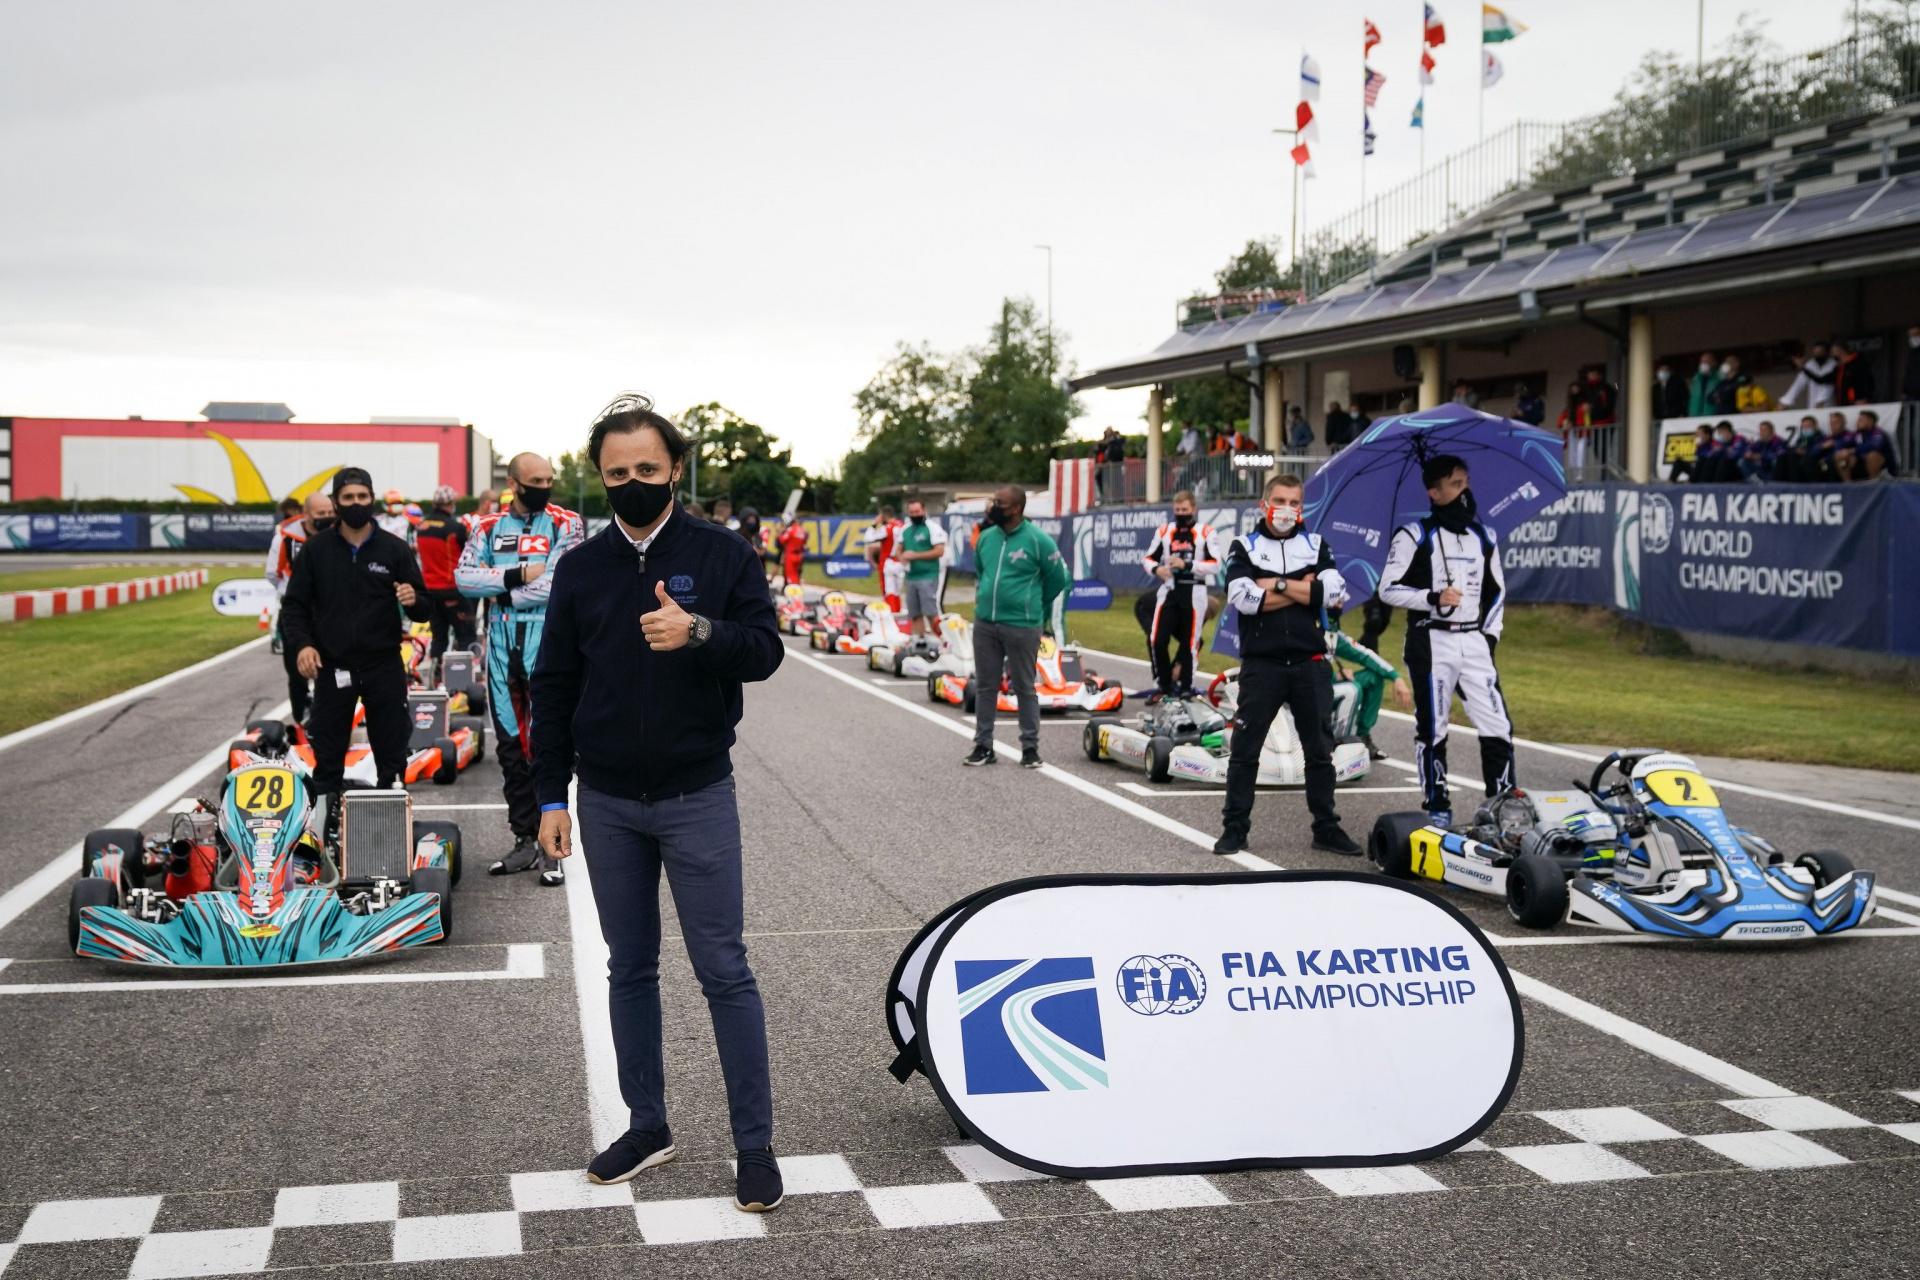 Felipe Massa: «FIA Karting è più attenta che mai, manteniamo l'entusiasmo per la nuova stagione»